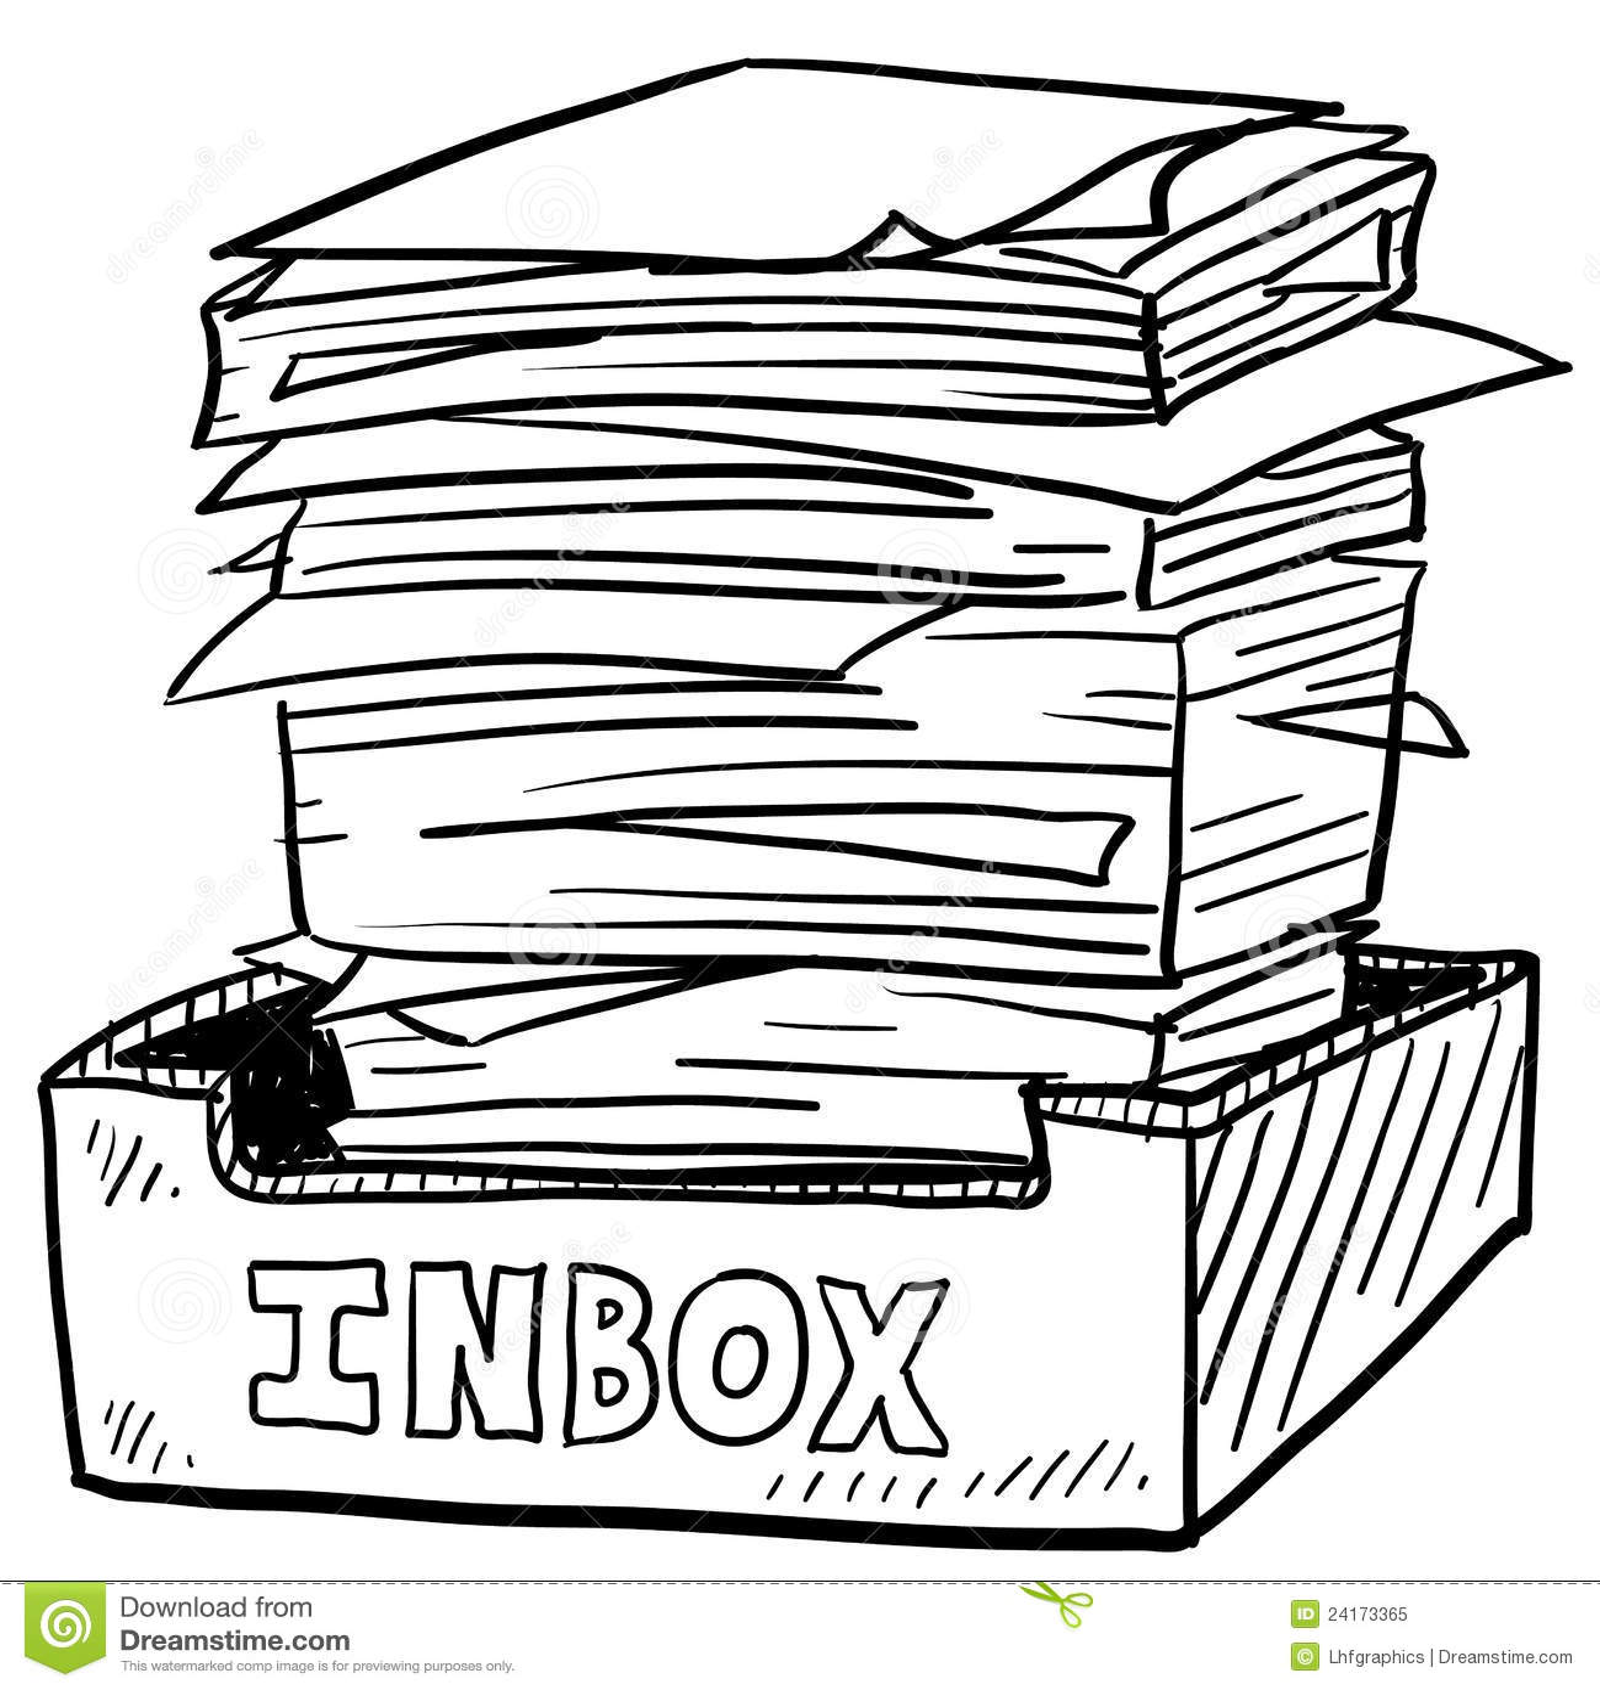 Overstuffed Inbox Work Stress Sketch Stock Vector